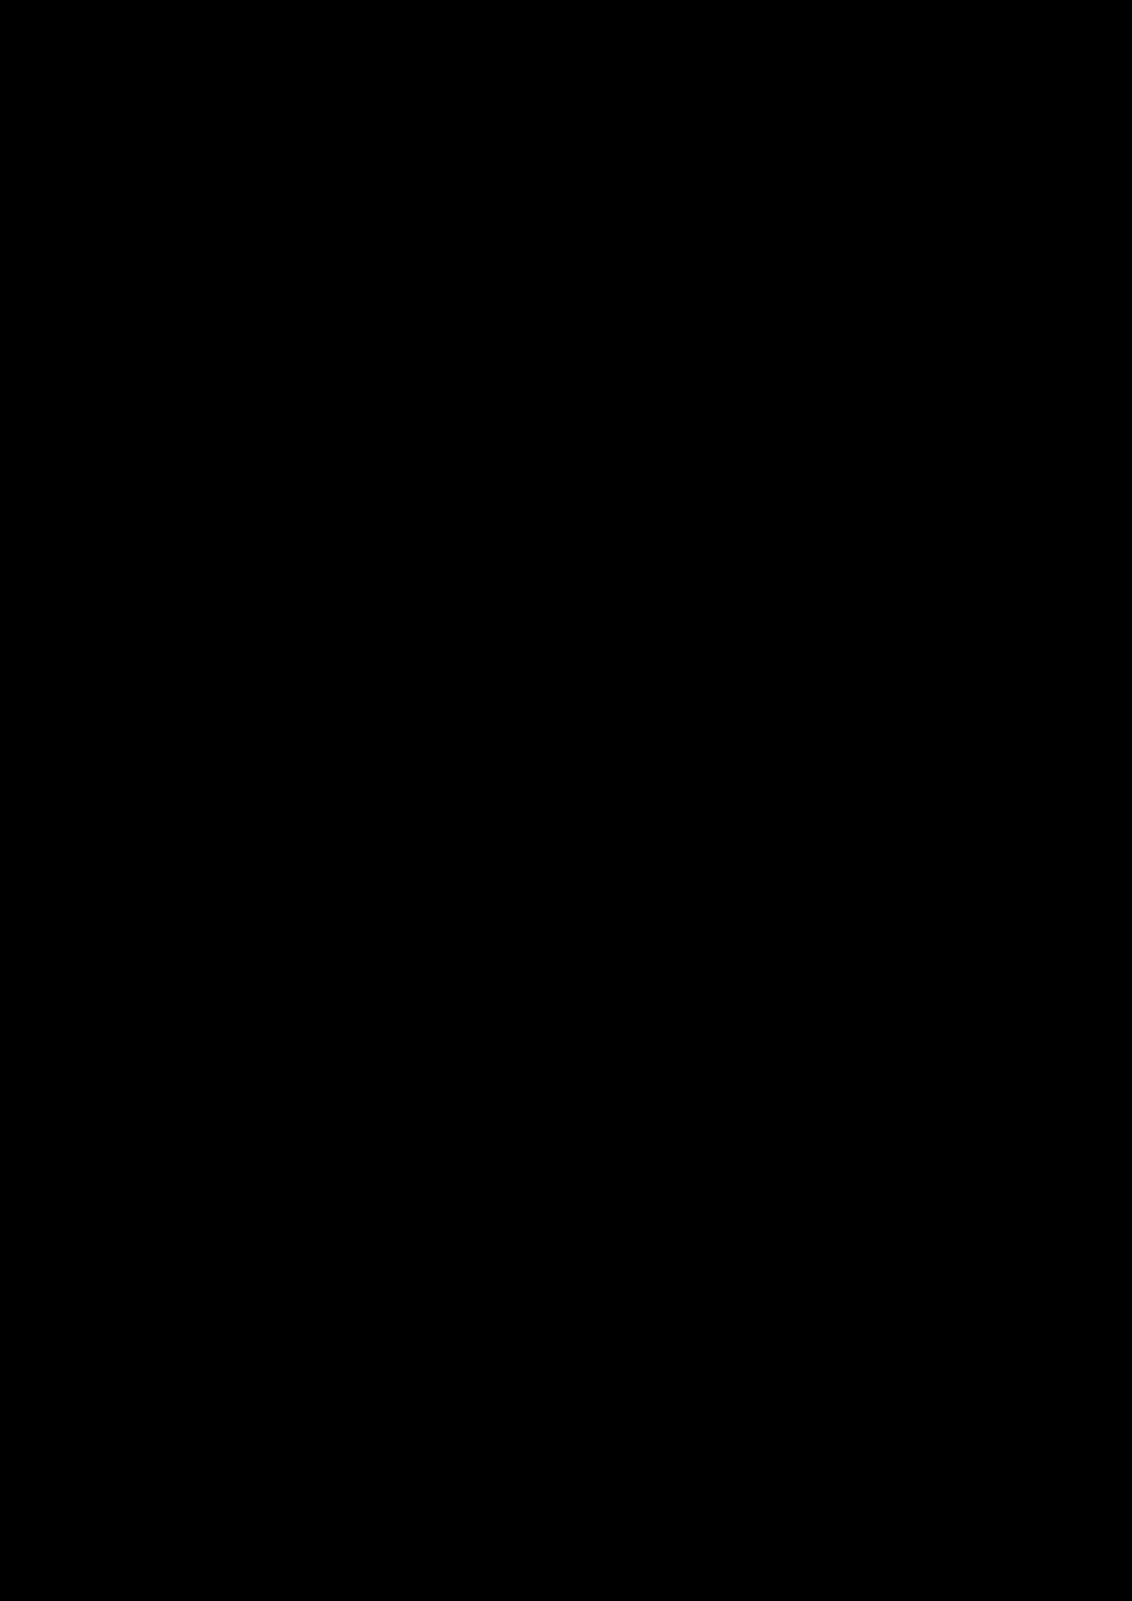 Proschanie s volshebnoy stranoy slide, Image 11